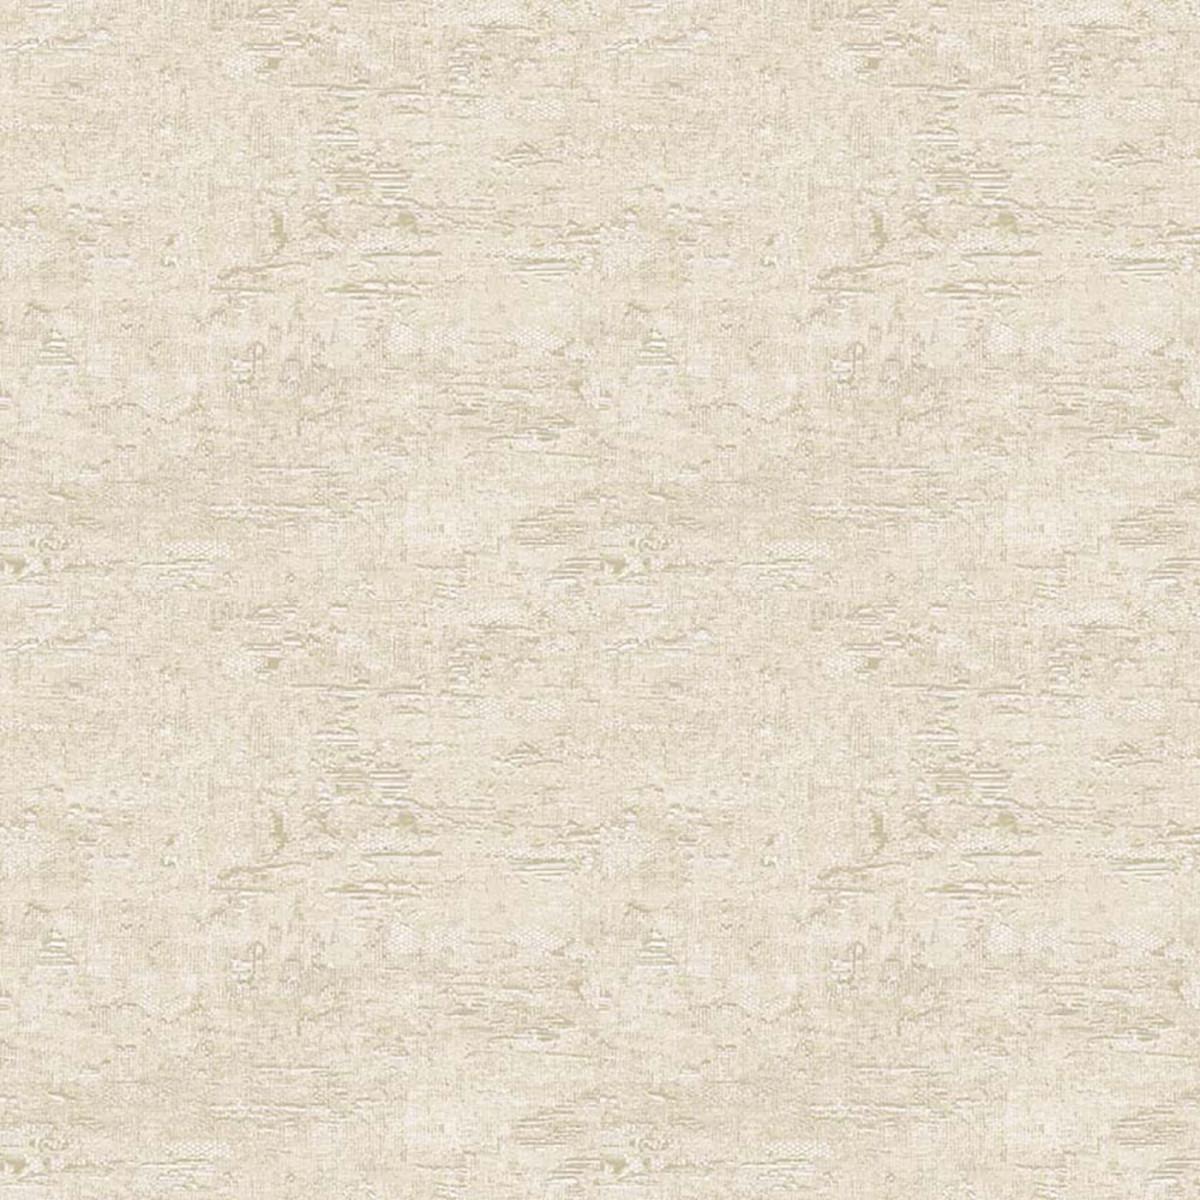 Обои виниловые Gaenari бежевые 1.06 м 82041-2